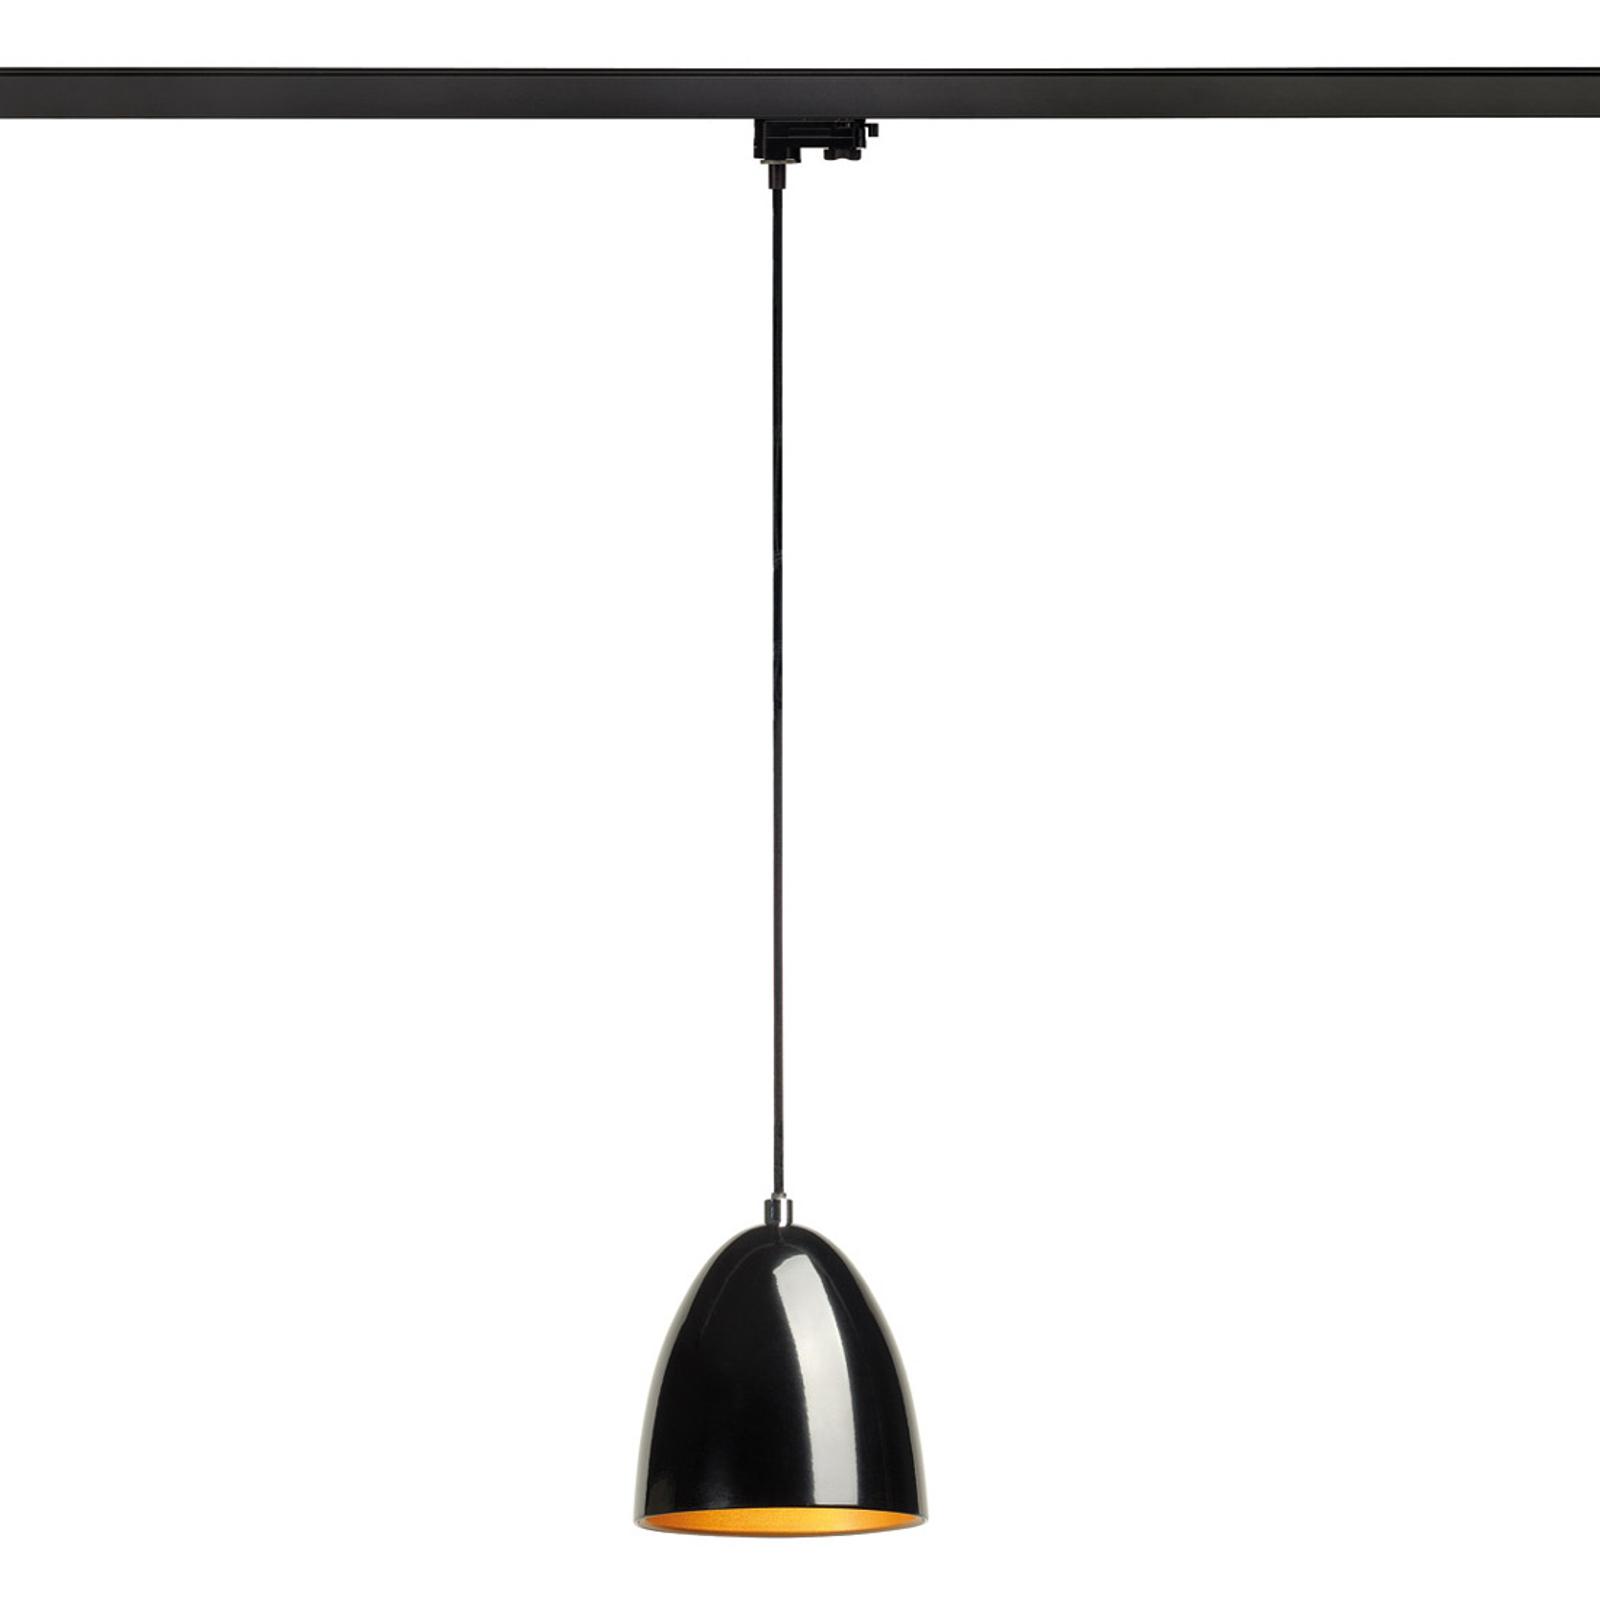 Acquista SLV Para Cone lampada sospensione trifase nero/oro